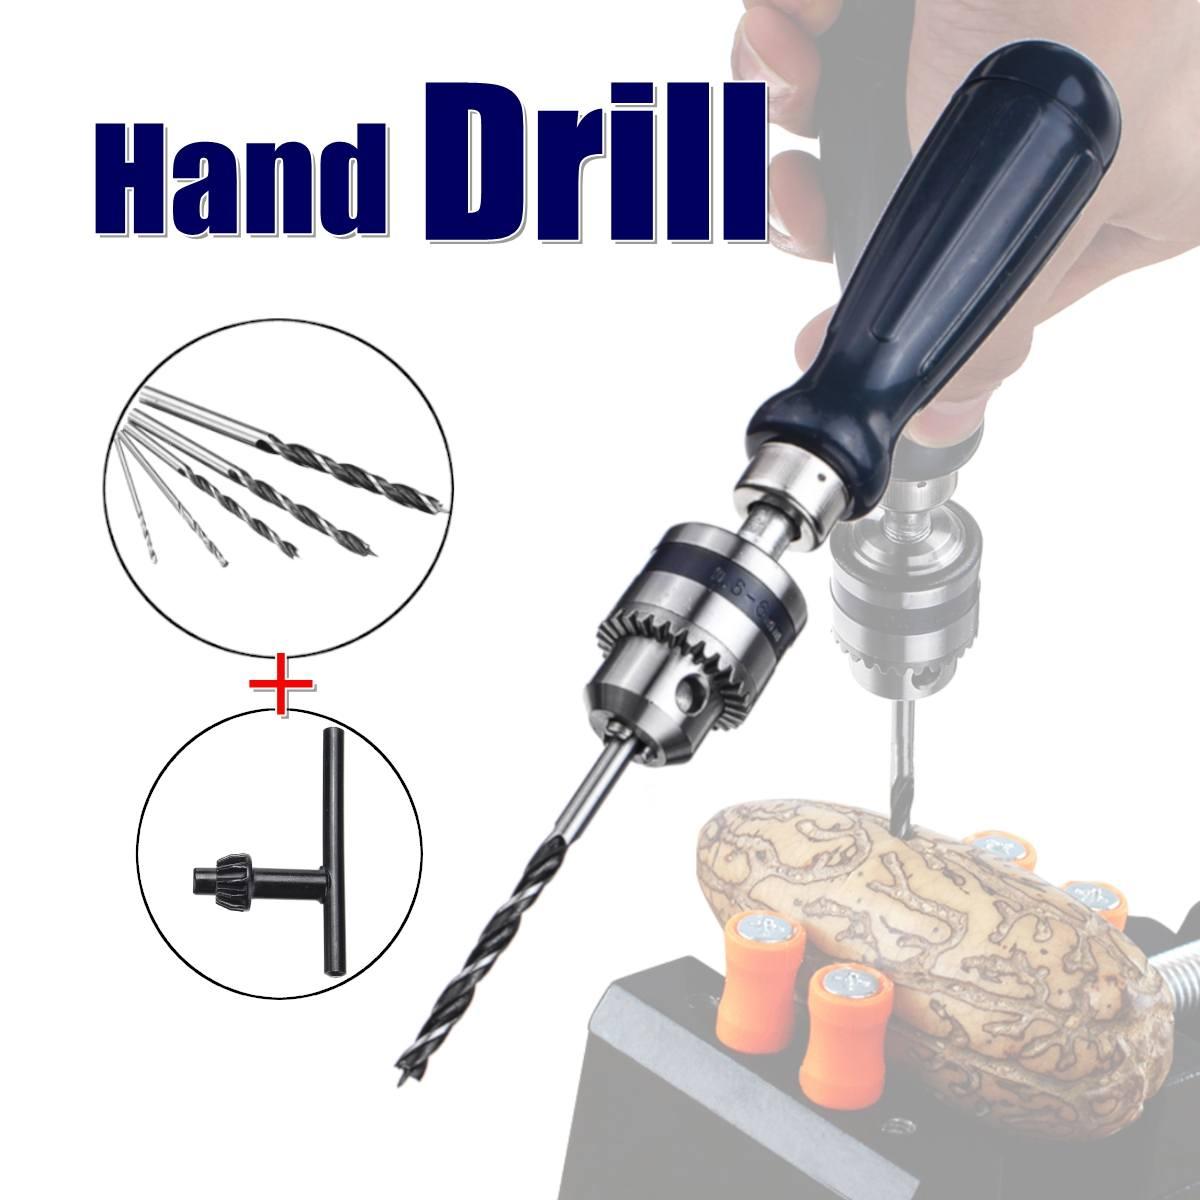 Hand Drill Jewelry Craft Hand Manual Drill Chuck Mini Hand 5PCS Twist Drill Bit With Keyless Chuck Woodworking Rotary Tools